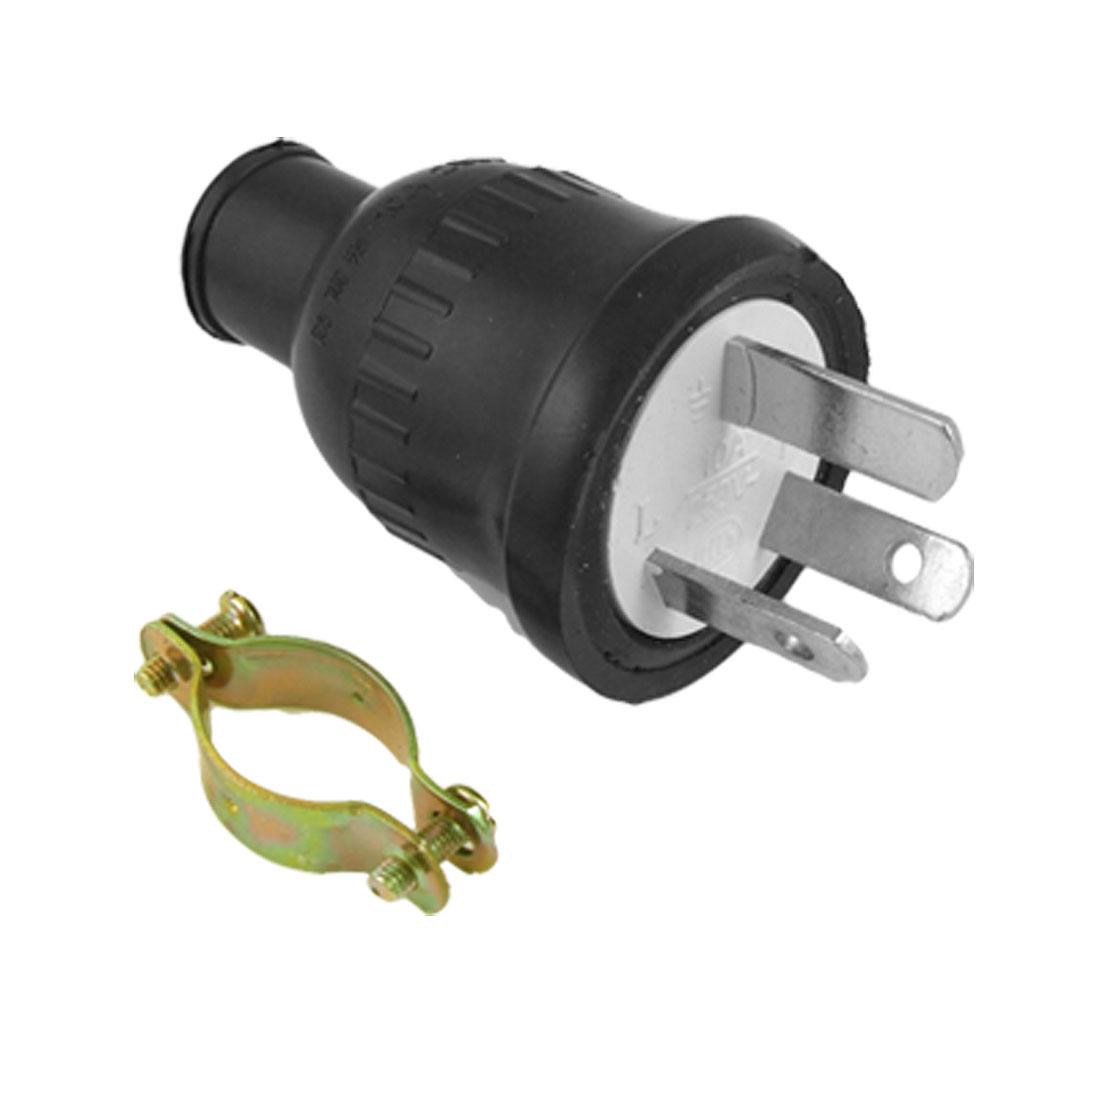 AU Plug AC 250V 10A Black Plastic Housing Power Cord w Locking Ring